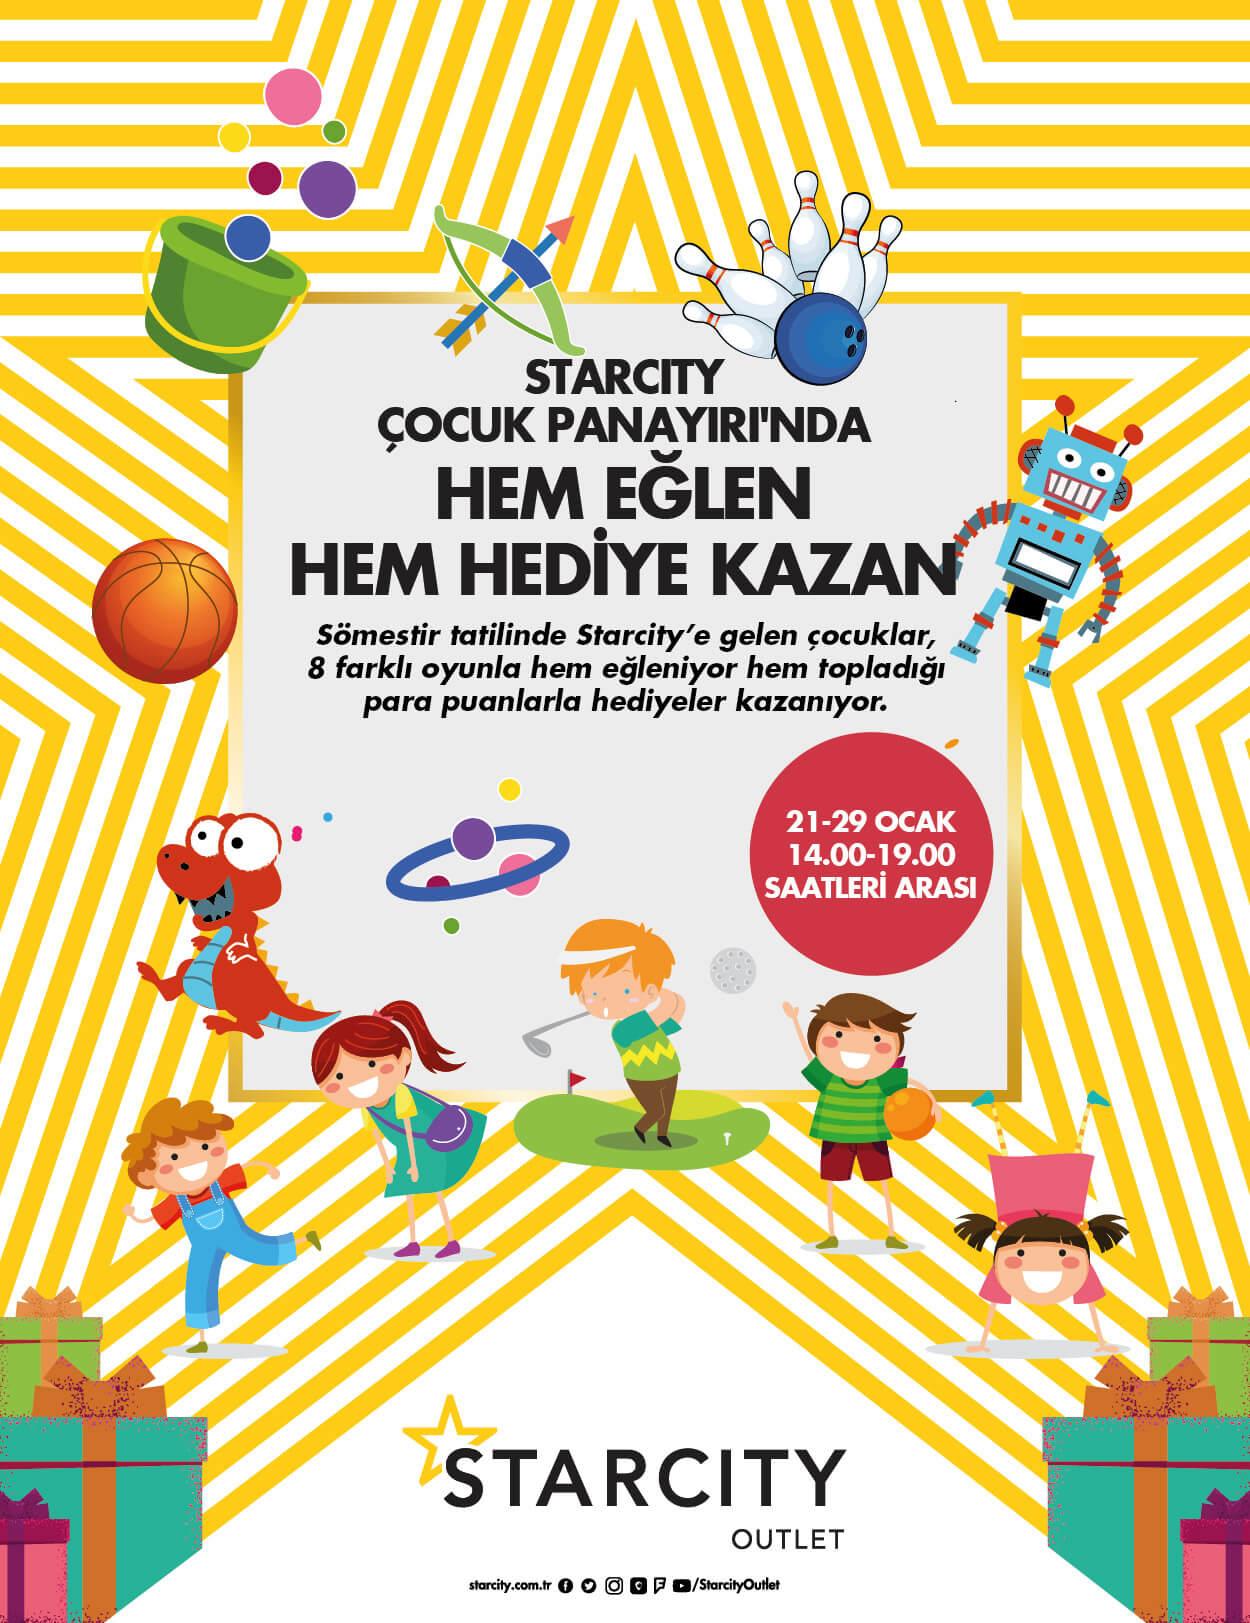 Starcity Çocuk Panayırı'nda Hem Eğlen Hem Hediye Kazan